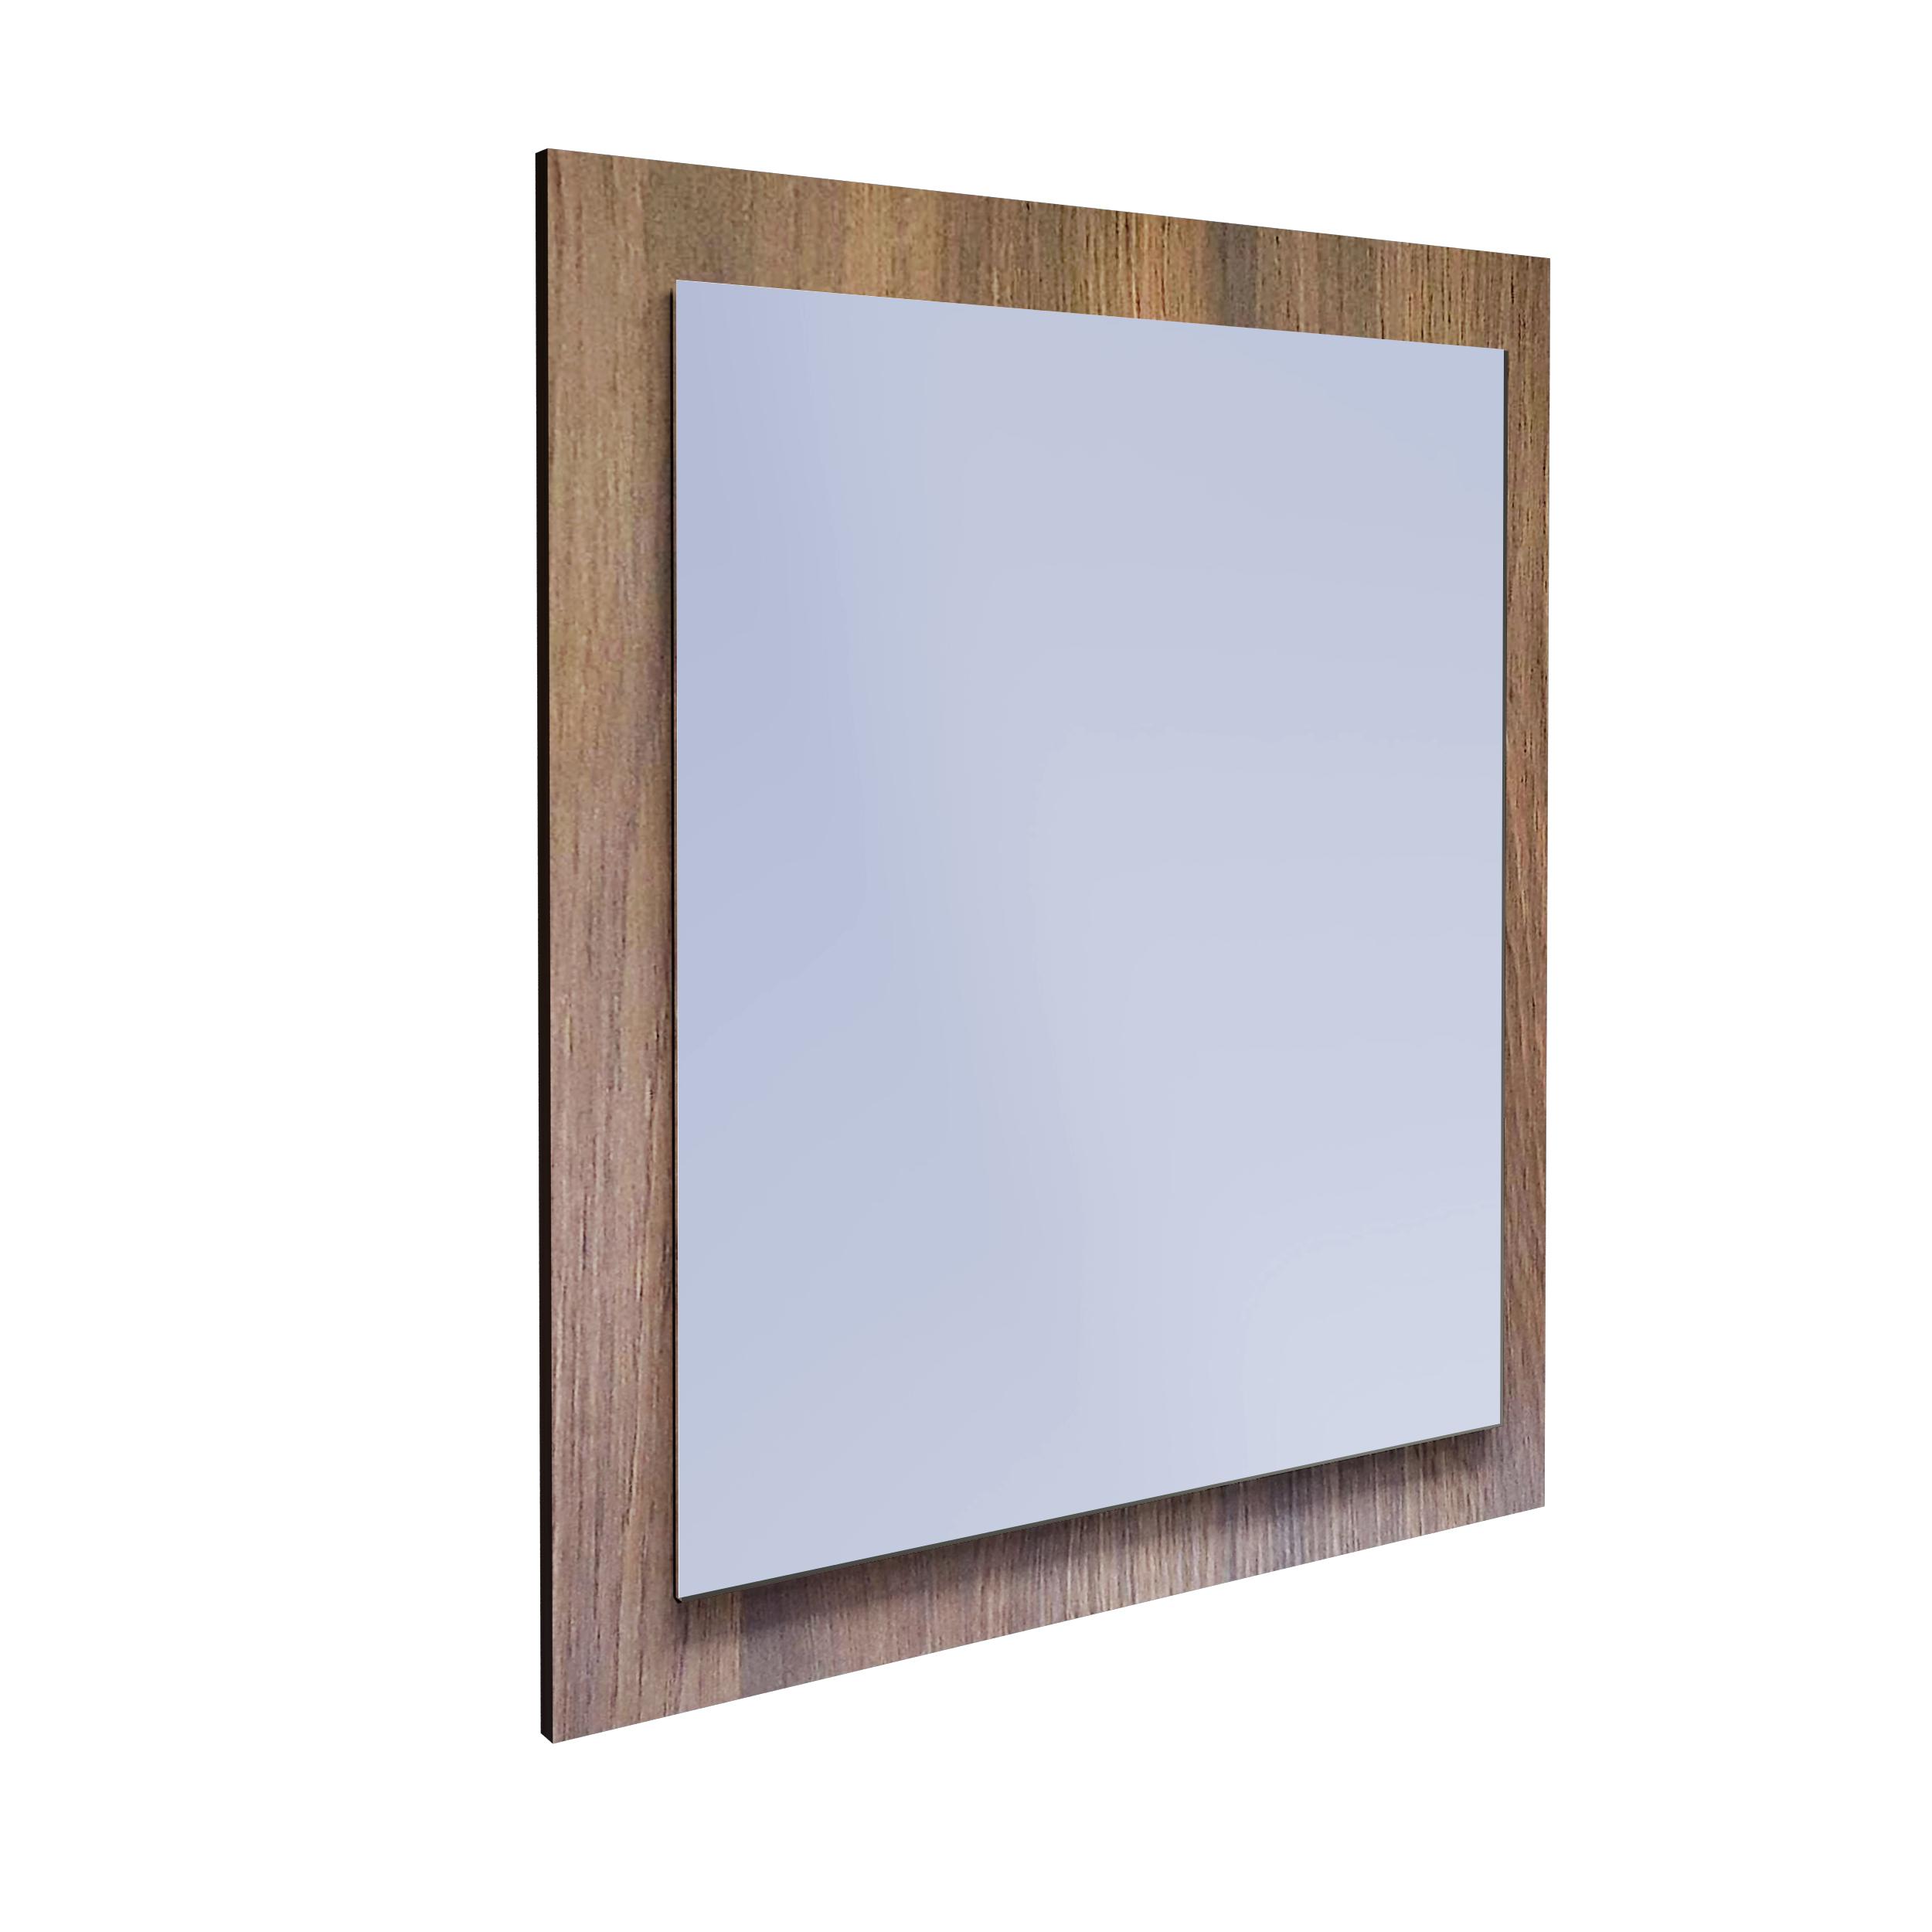 Zrkadlo pre Kúpeľňa Obojstranné 70x60 Dub Palermo